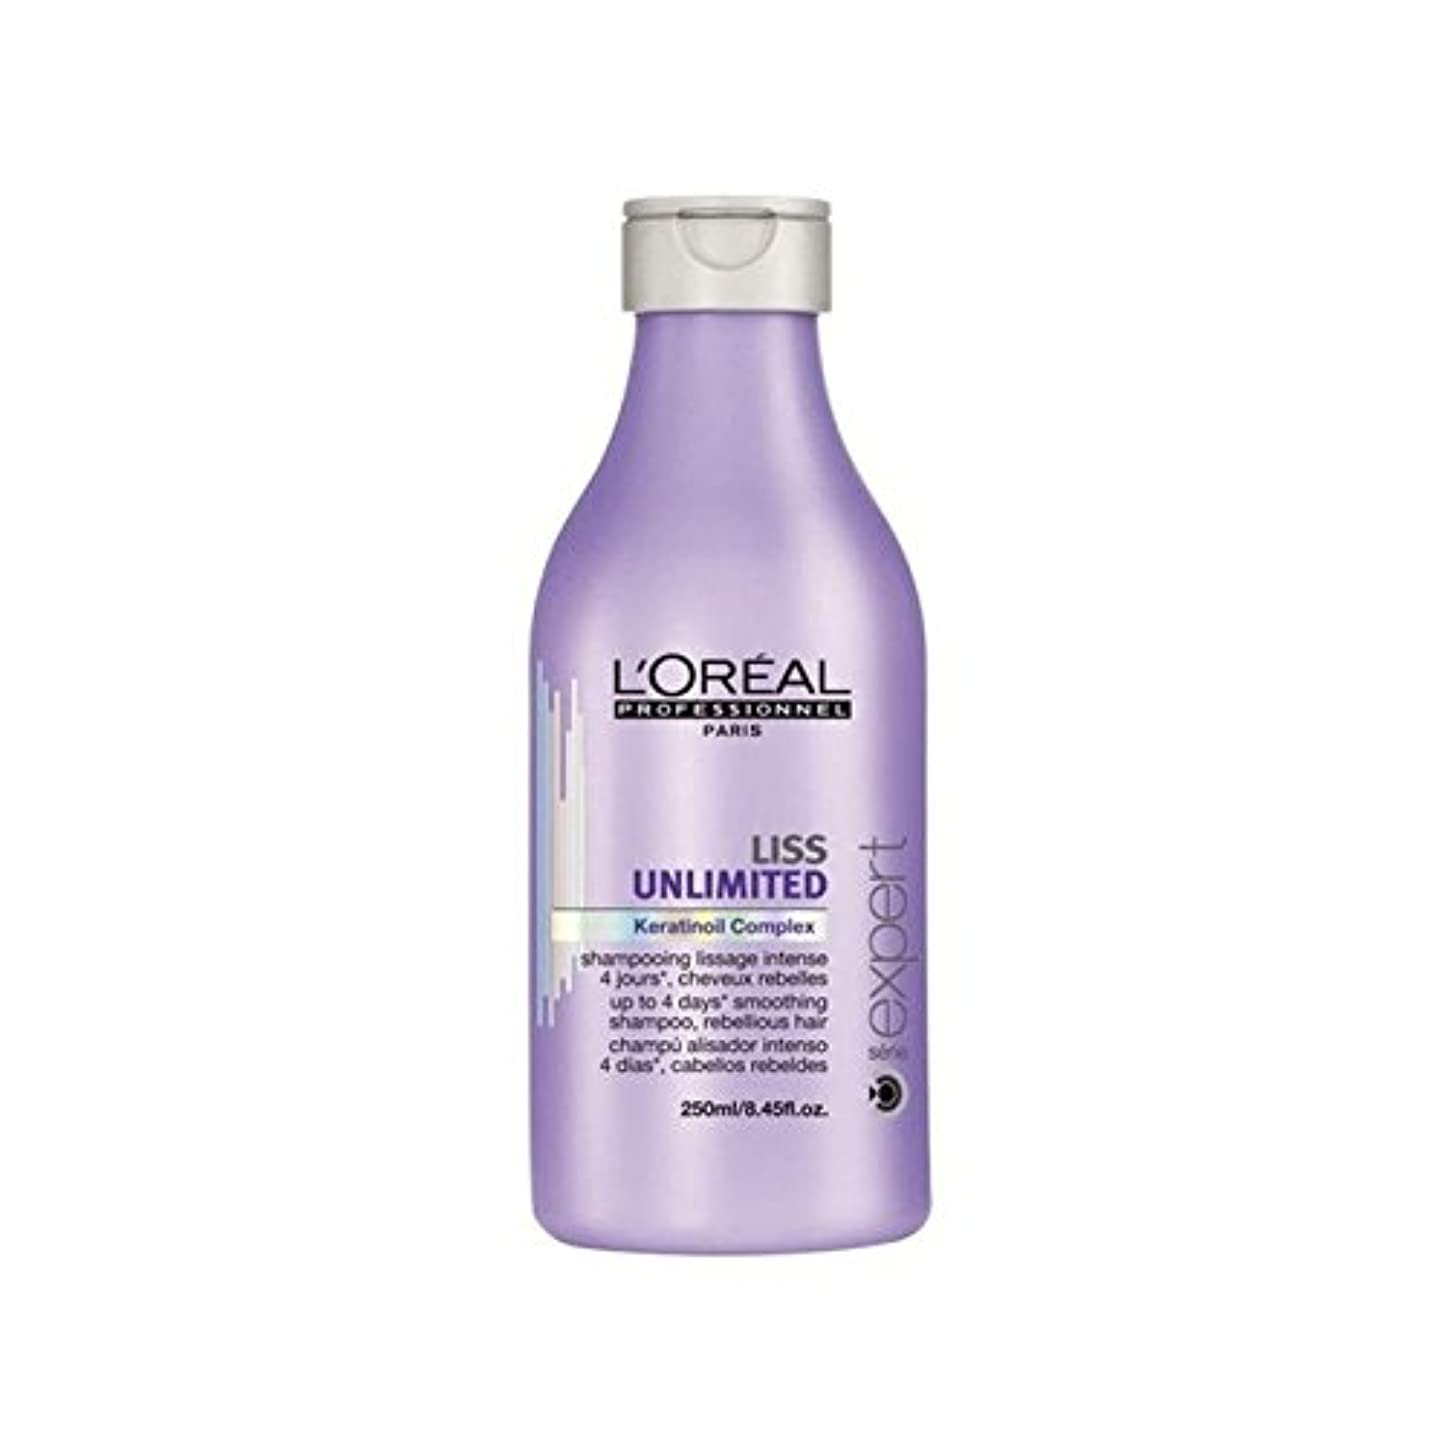 足転倒ボイドL'Oreal Professionnel Serie Expert Liss Unlimited Shampoo (250ml) (Pack of 6) - ロレアルプロフェッショナルセリエ専門家無制限のシャンプー(250ミリリットル) x6 [並行輸入品]